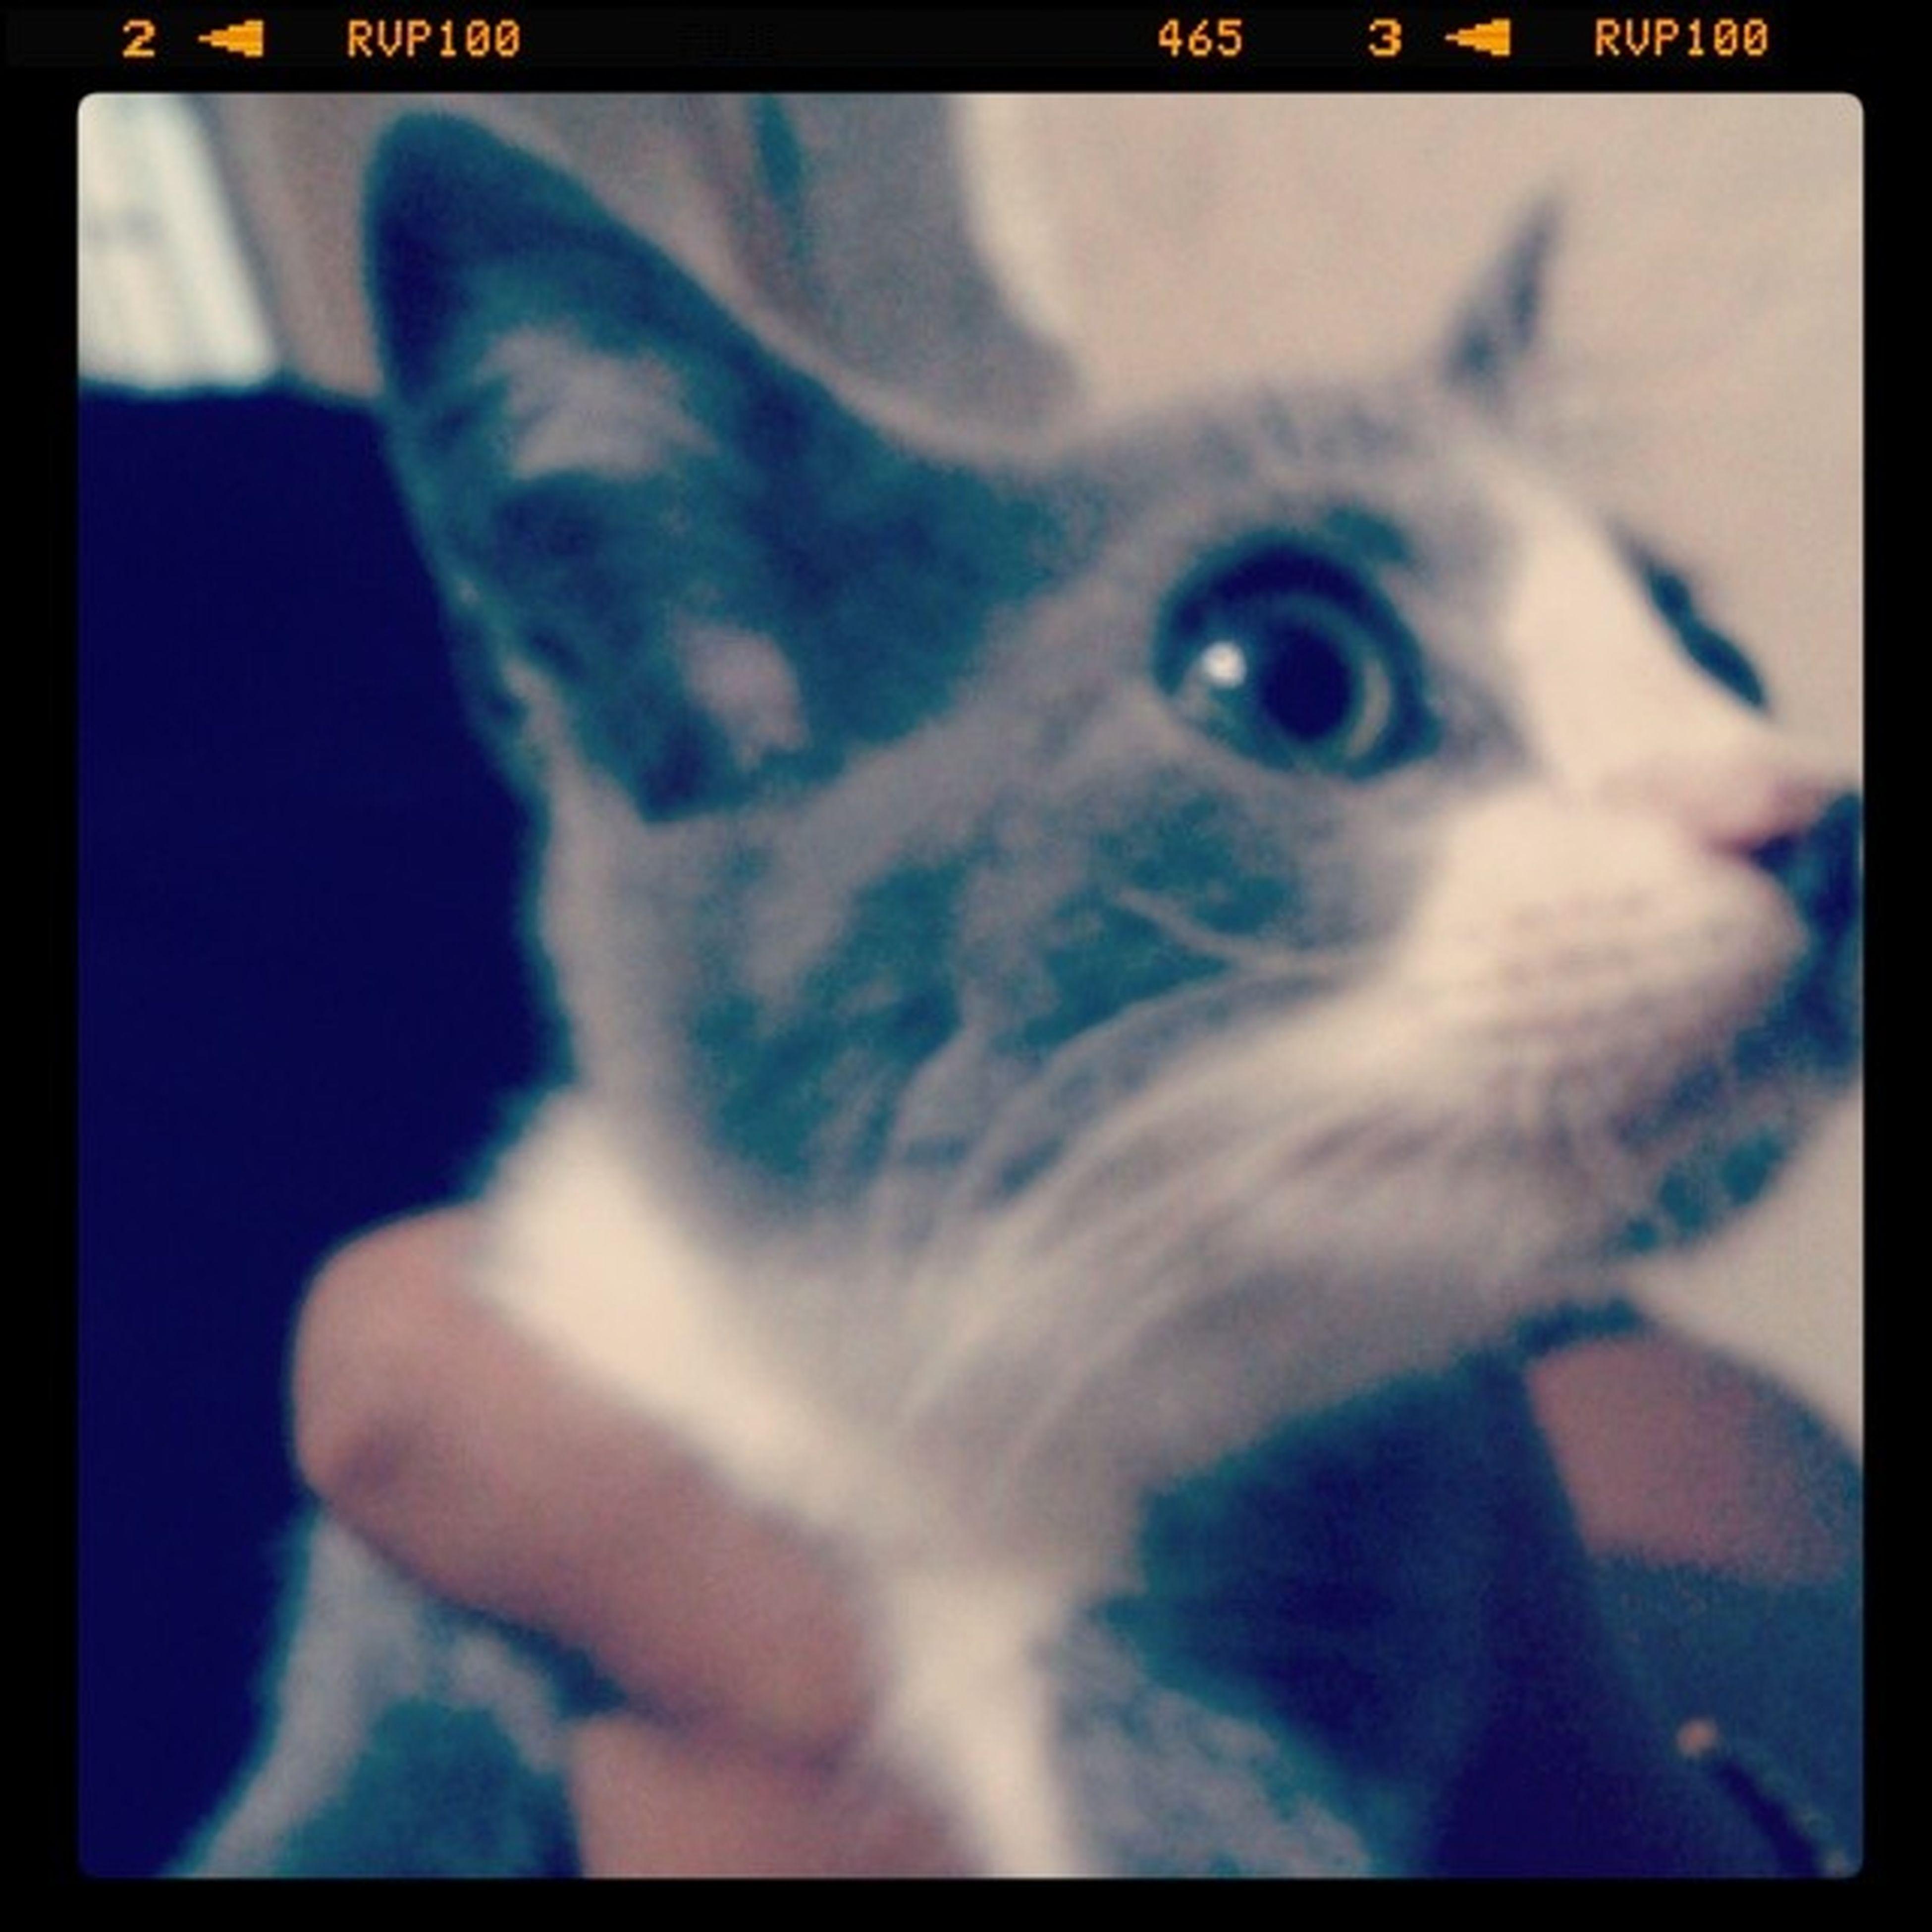 Novo integrante da familia. O gandalf. *_* AchoQueEuViUmGatinho Cat